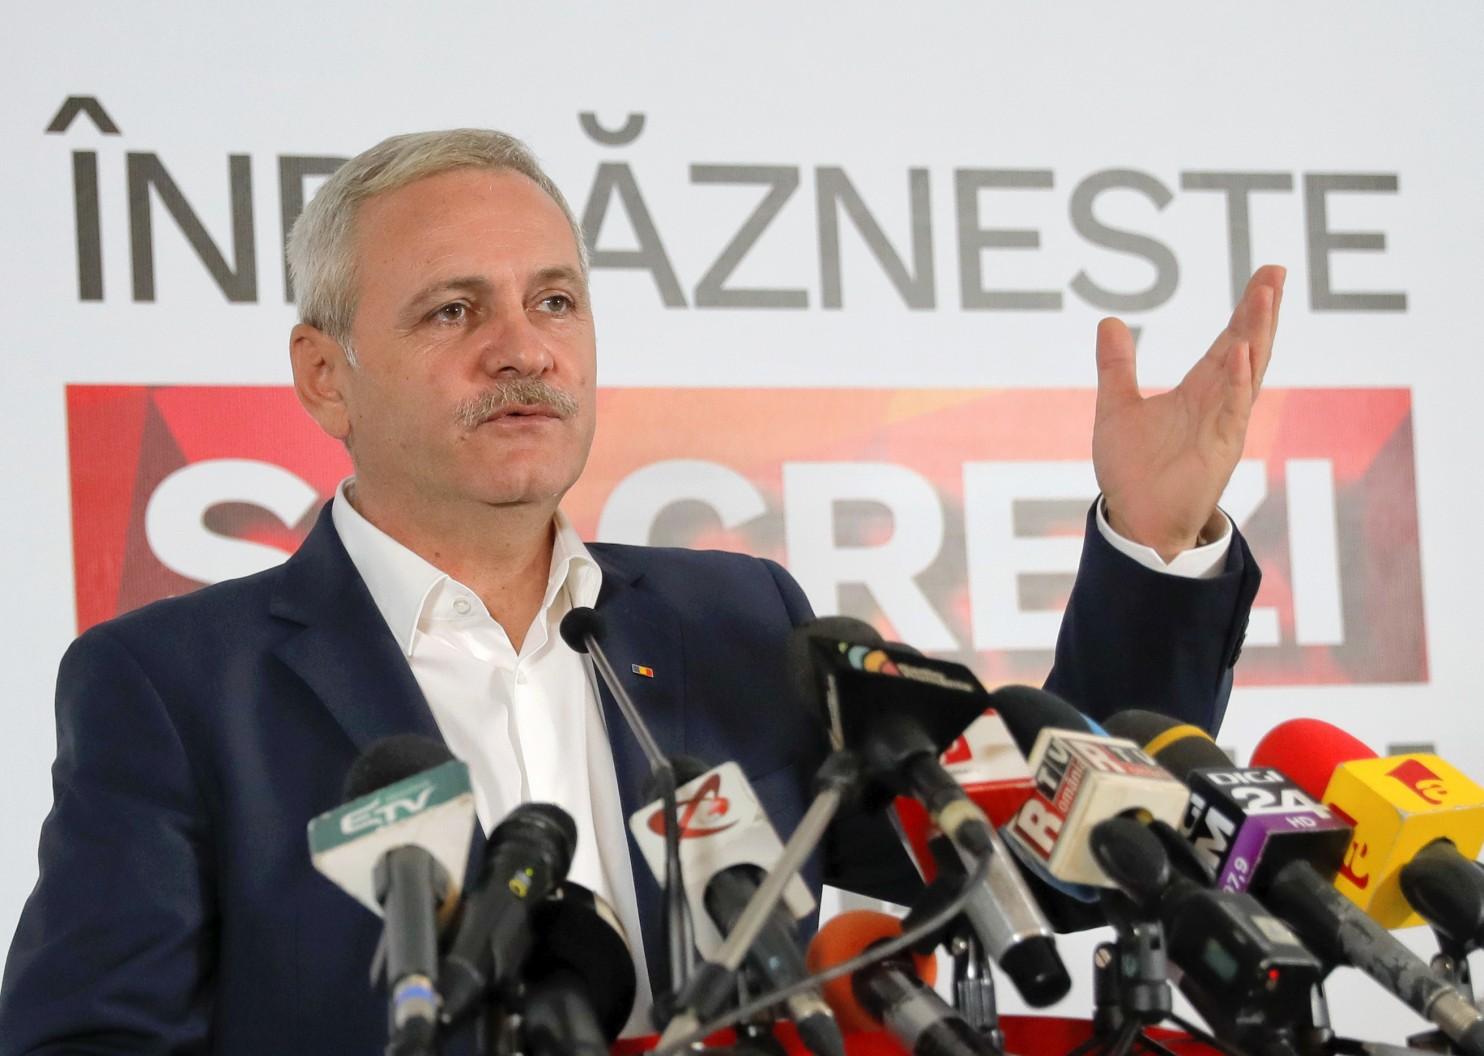 Liderul PSD, Liviu Dragnea, câștigătorul alegerilor parlamentare